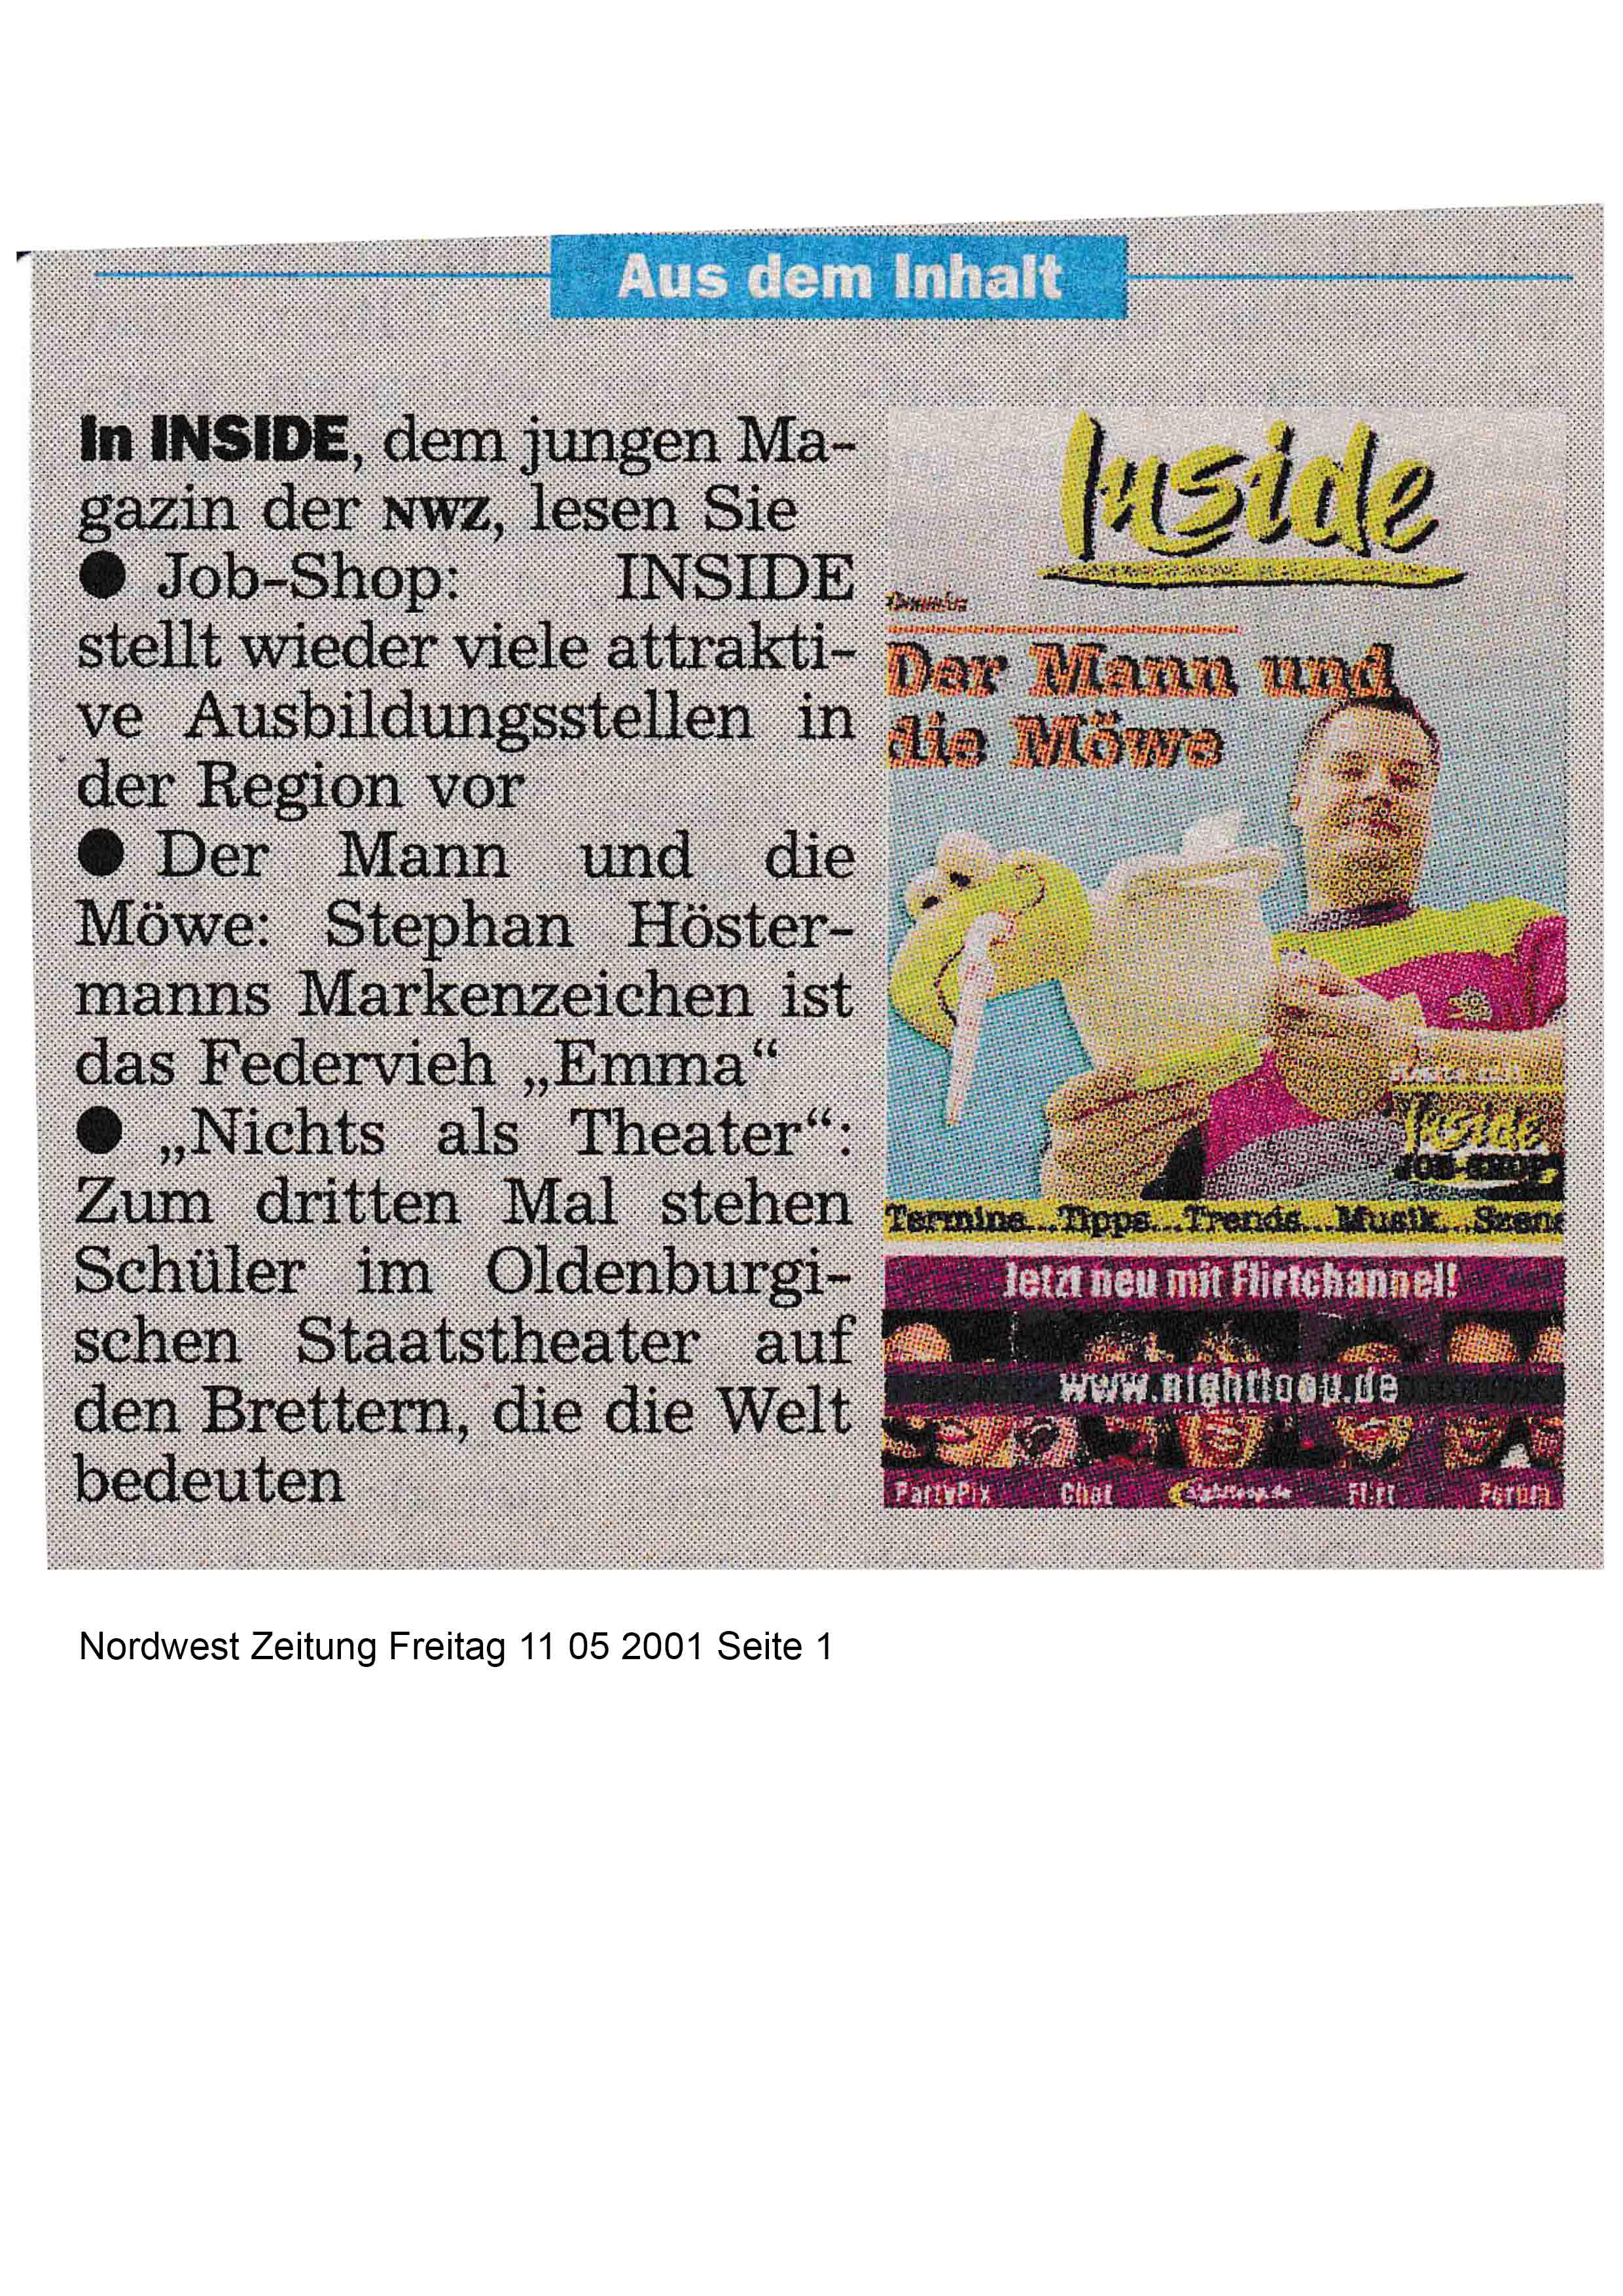 Nordwest Zeitung Freitag 11 05 2001 Seite 1